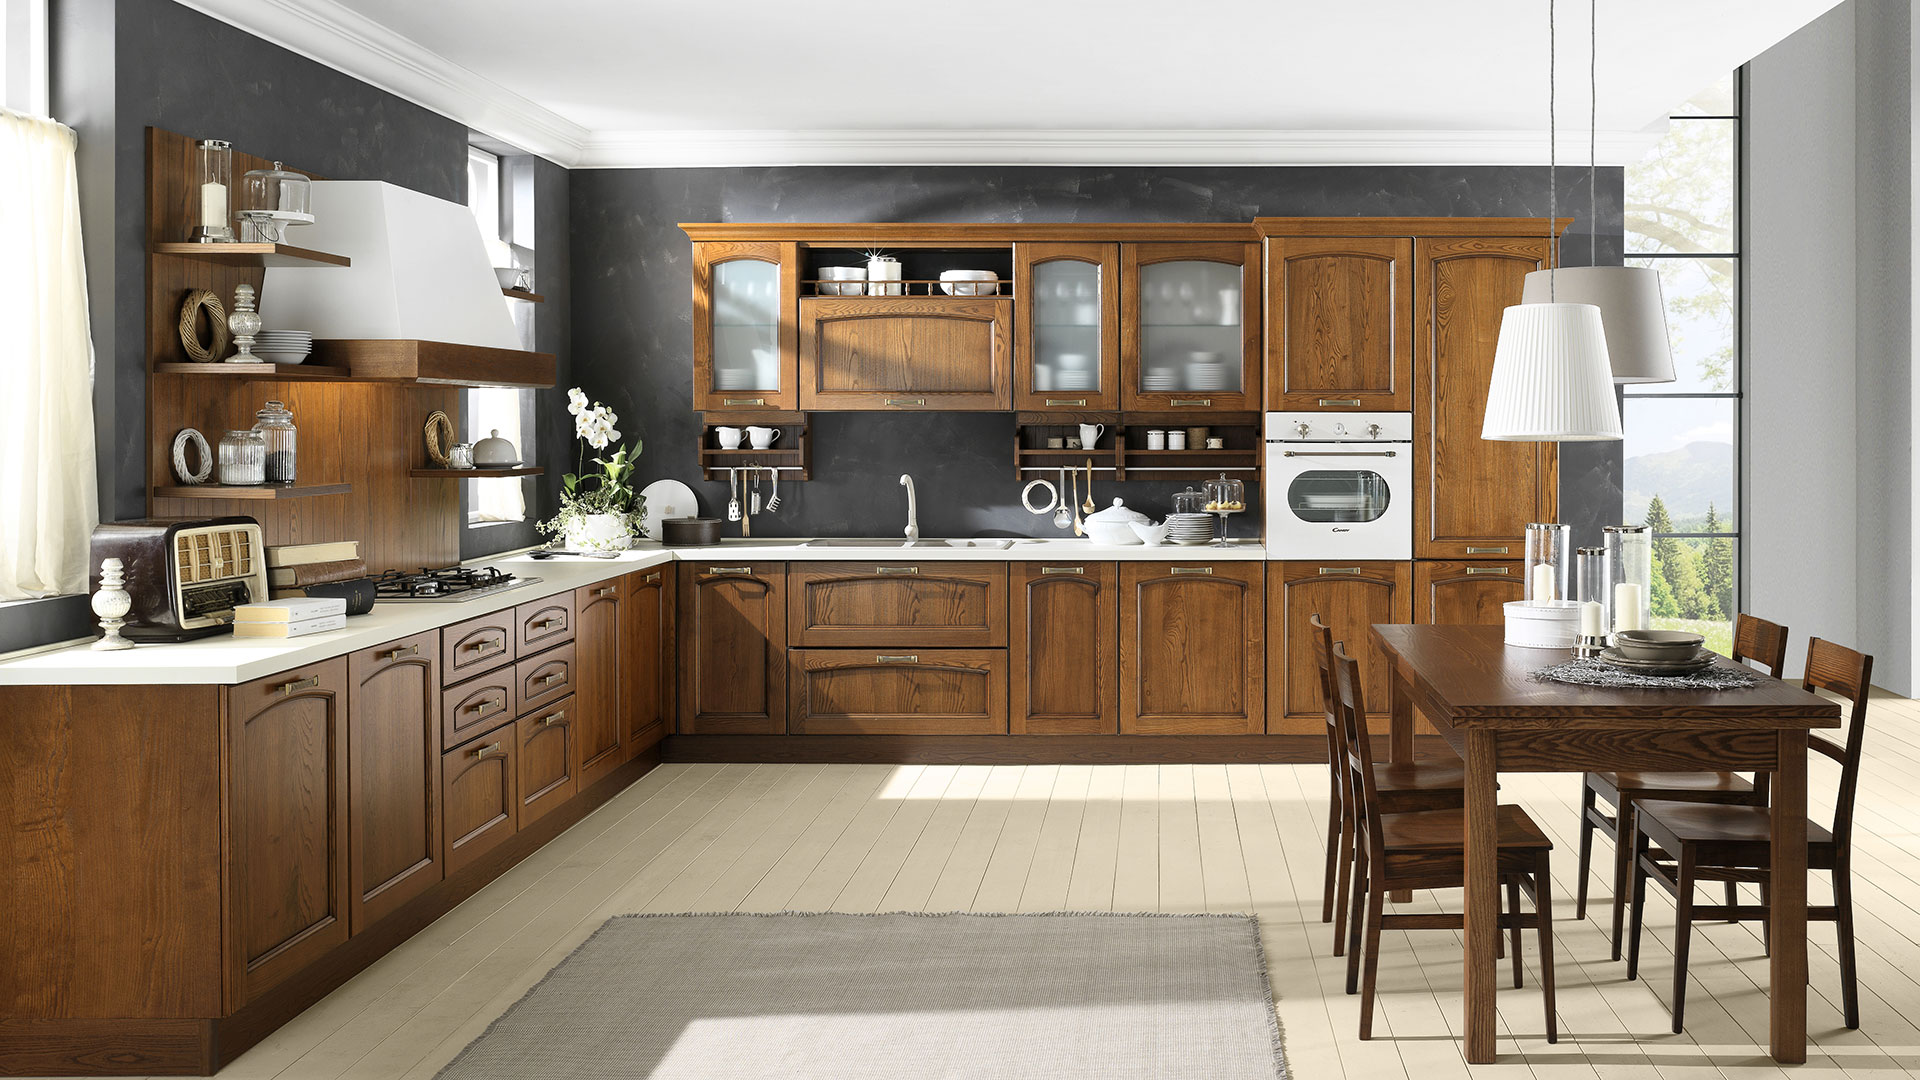 Cucine classiche evo cucine - Cucina classica contemporanea ...